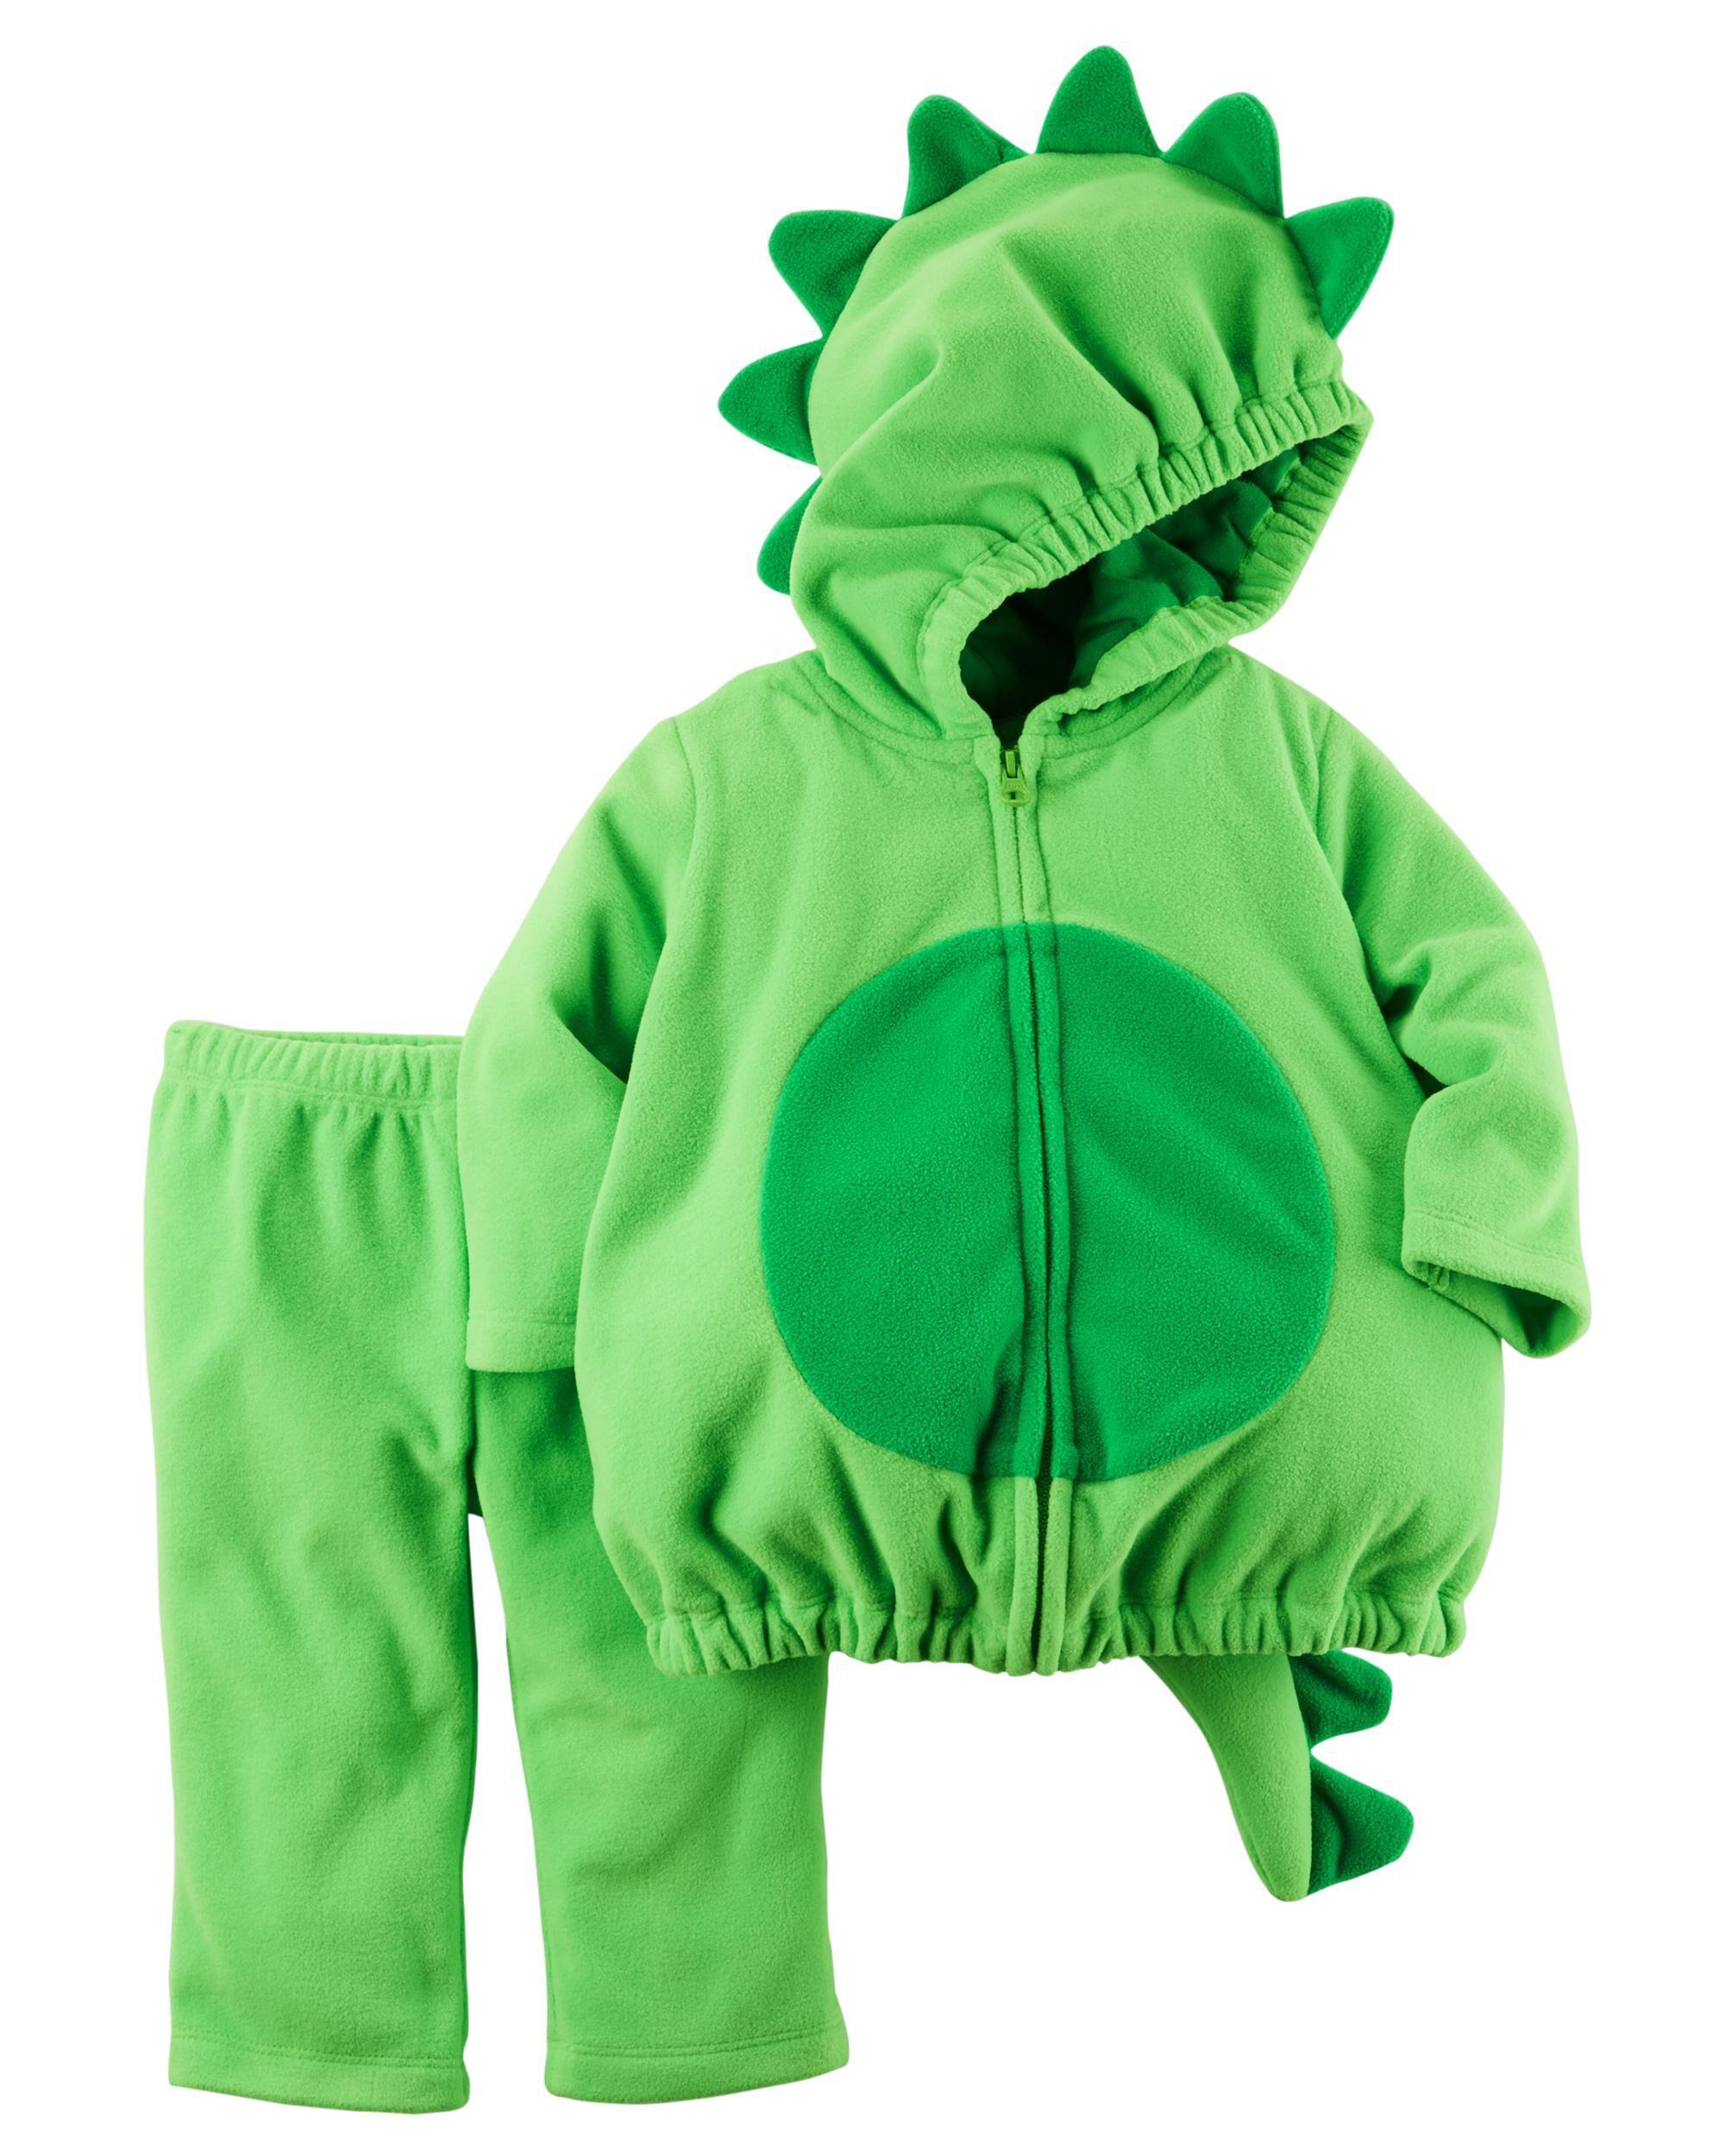 ... Little Dinosaur Halloween Costume  sc 1 st  Carteru0027s & Little Dinosaur Halloween Costume | Carters.com